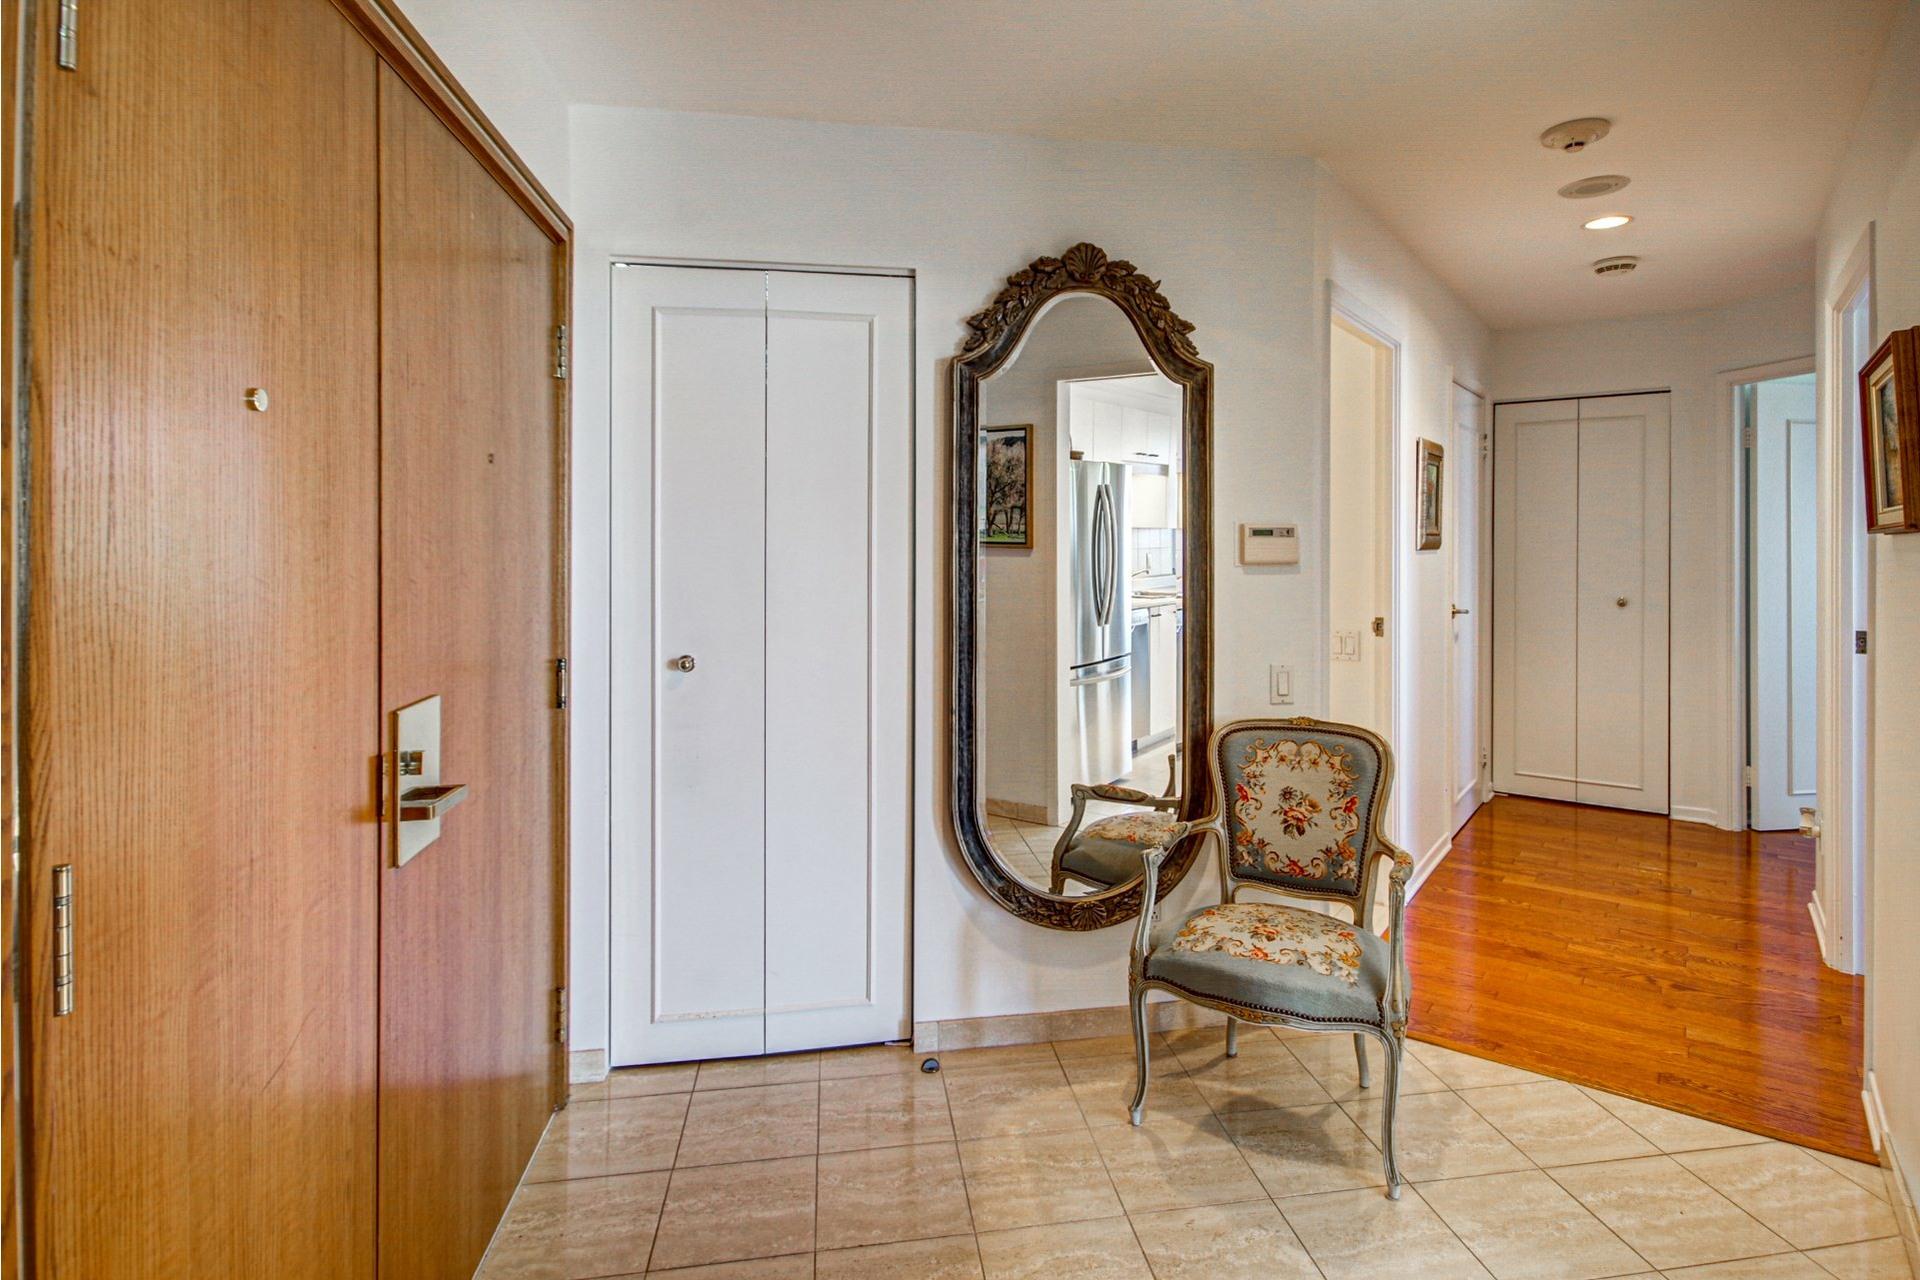 image 7 - Apartment For sale Côte-des-Neiges/Notre-Dame-de-Grâce Montréal  - 5 rooms